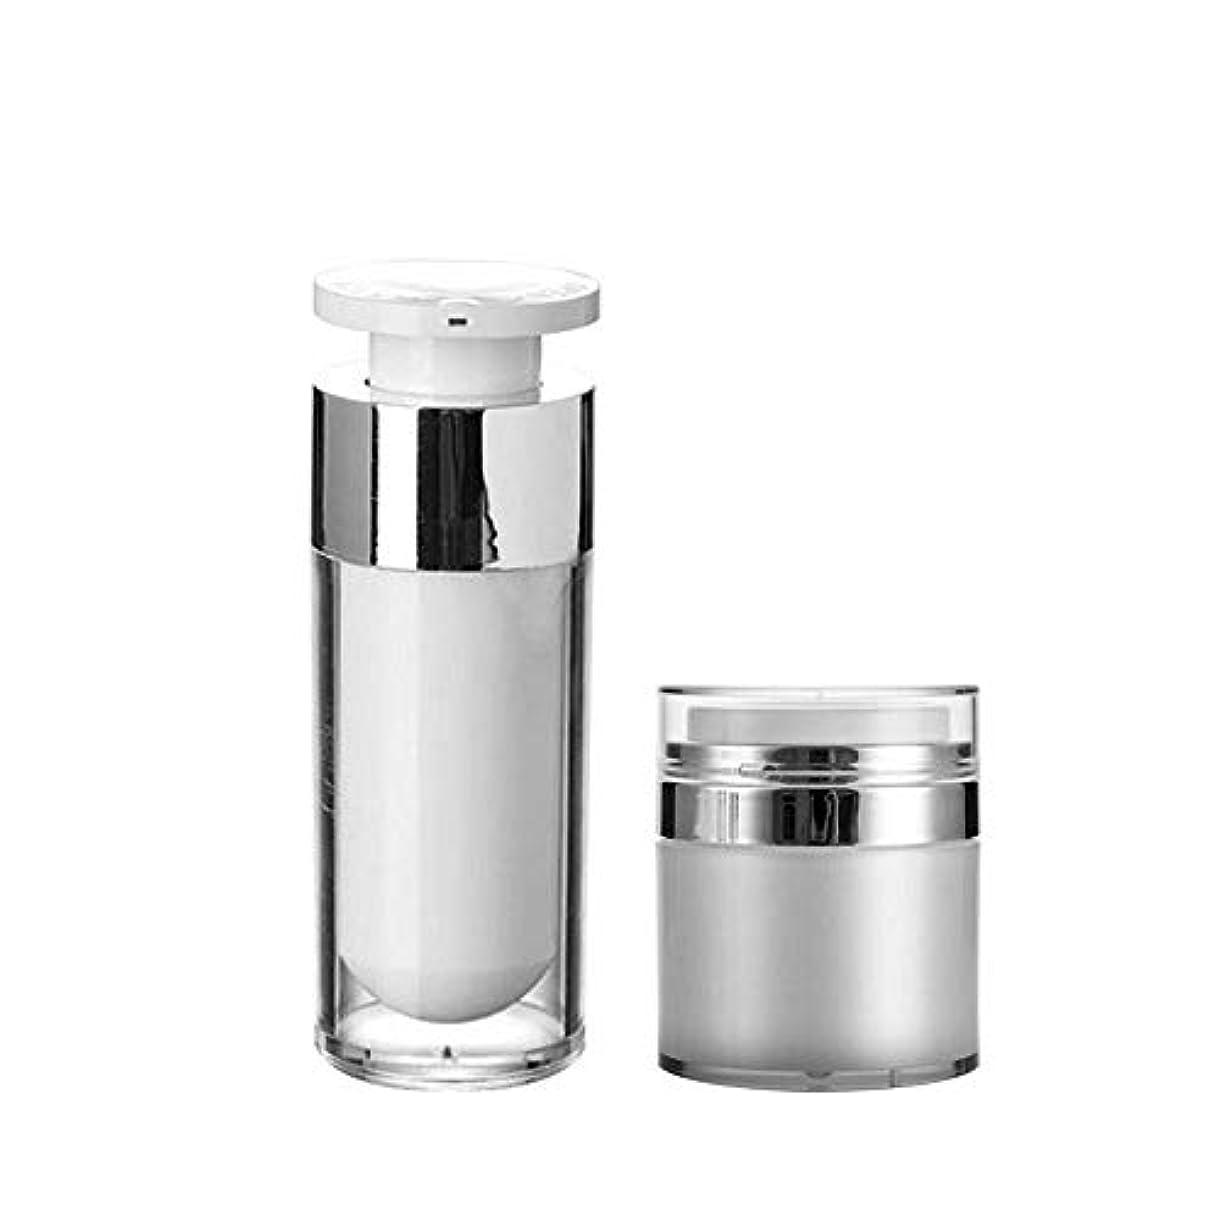 世代置換バイアスOBEST 詰め替えボトル 真空ボトル ポンプタイプ エアレス プッシュボトル 乳液 小分け容器 プラスチック 携帯用 花粉対応 旅行用(30ML) (セット)